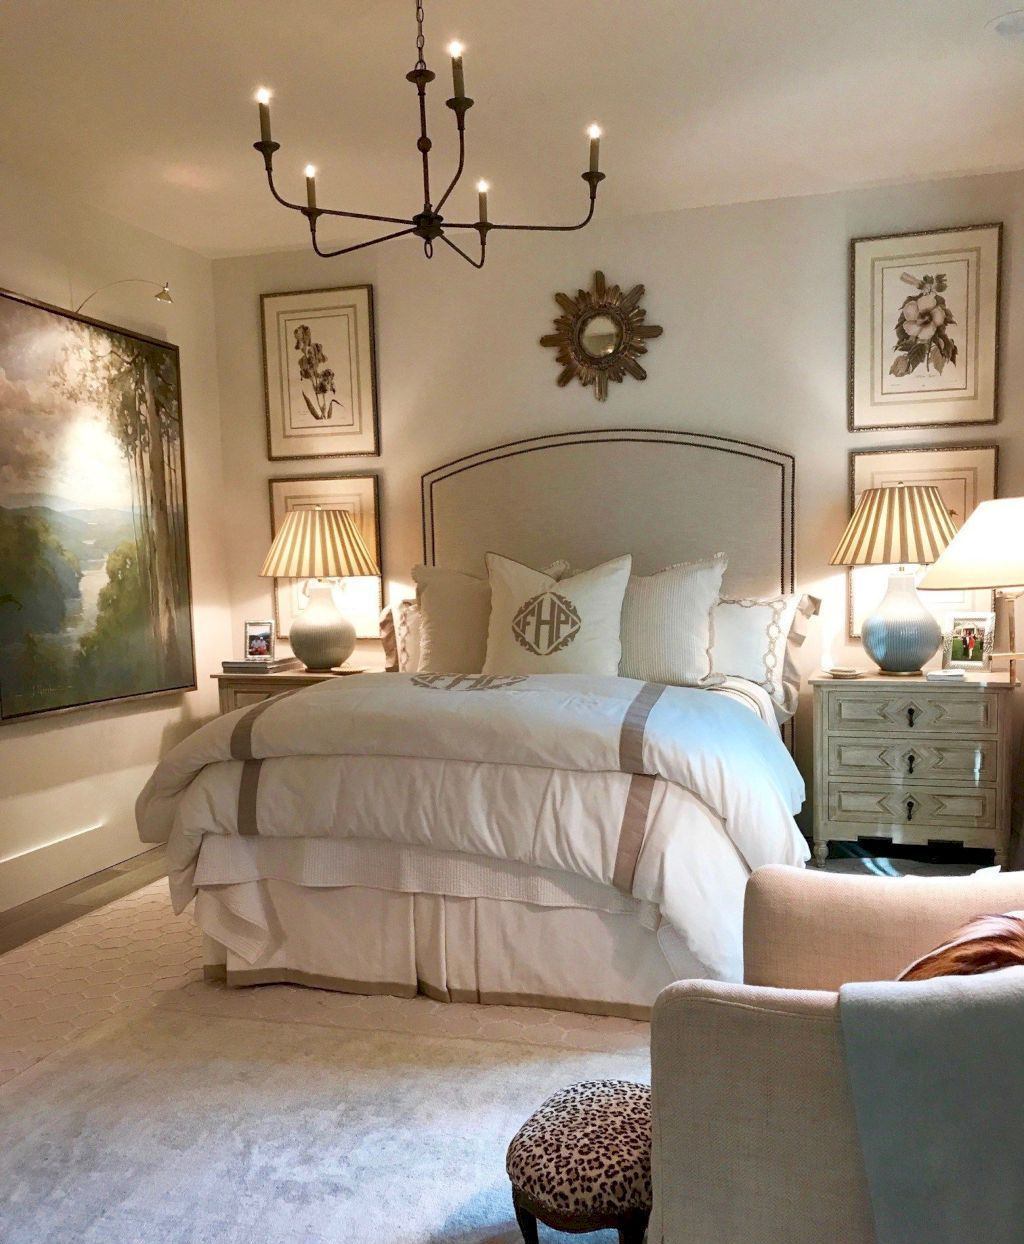 91 Comfy Bedroom Decorating Ideas